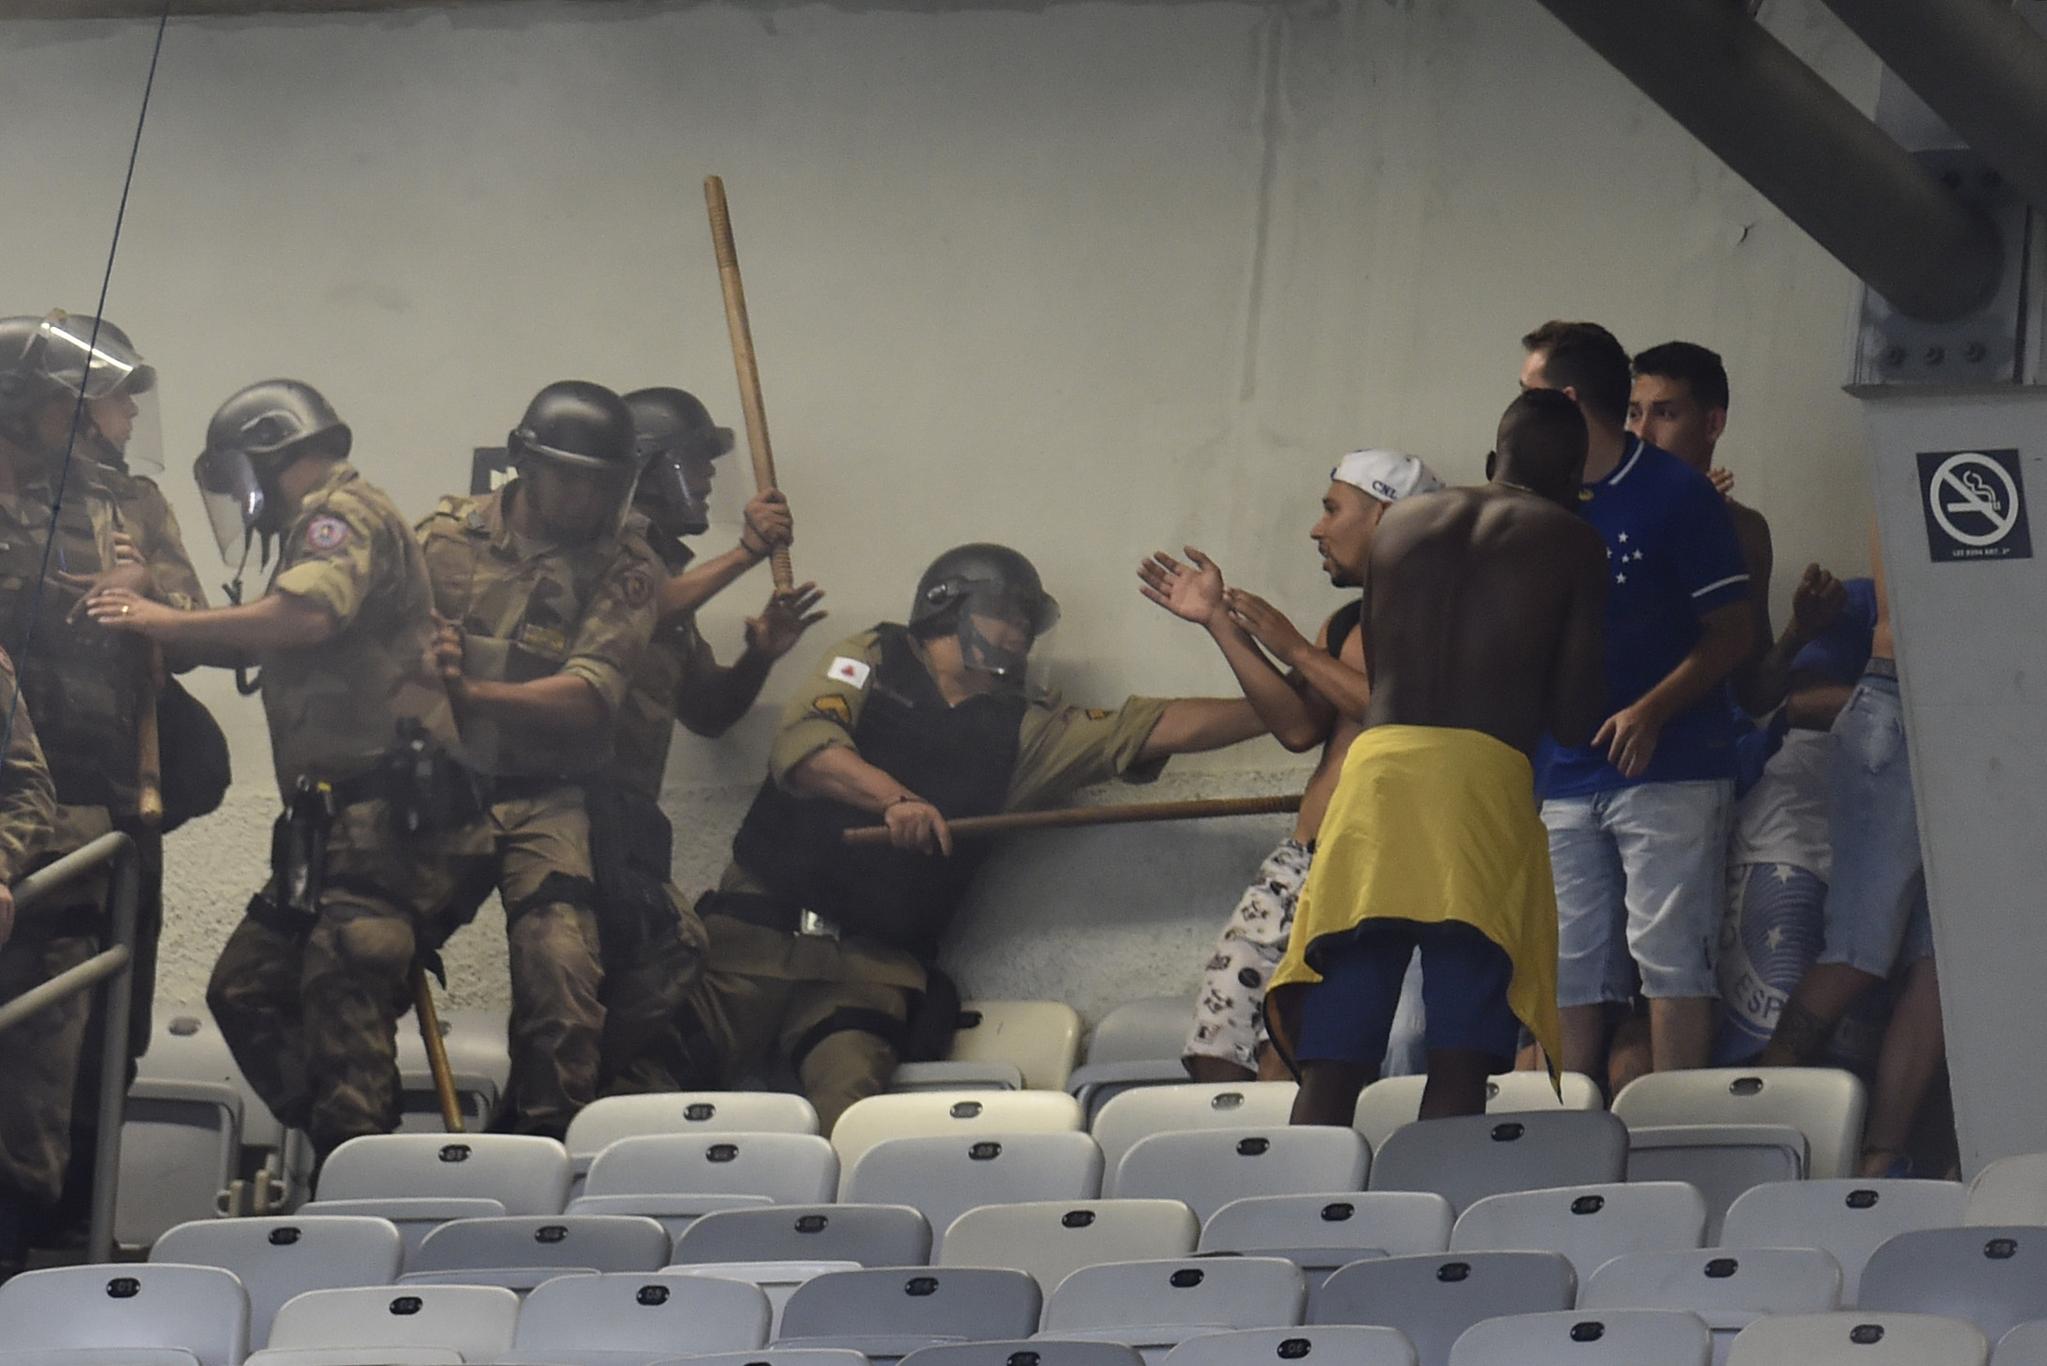 브라질 경찰들이 8일(현지시간) 크루제이루와 파우메이라스의 축구 경기 도중 난동을 부리는 크루제이루 팬을 진압하고 있다. [AFP=연합뉴스]